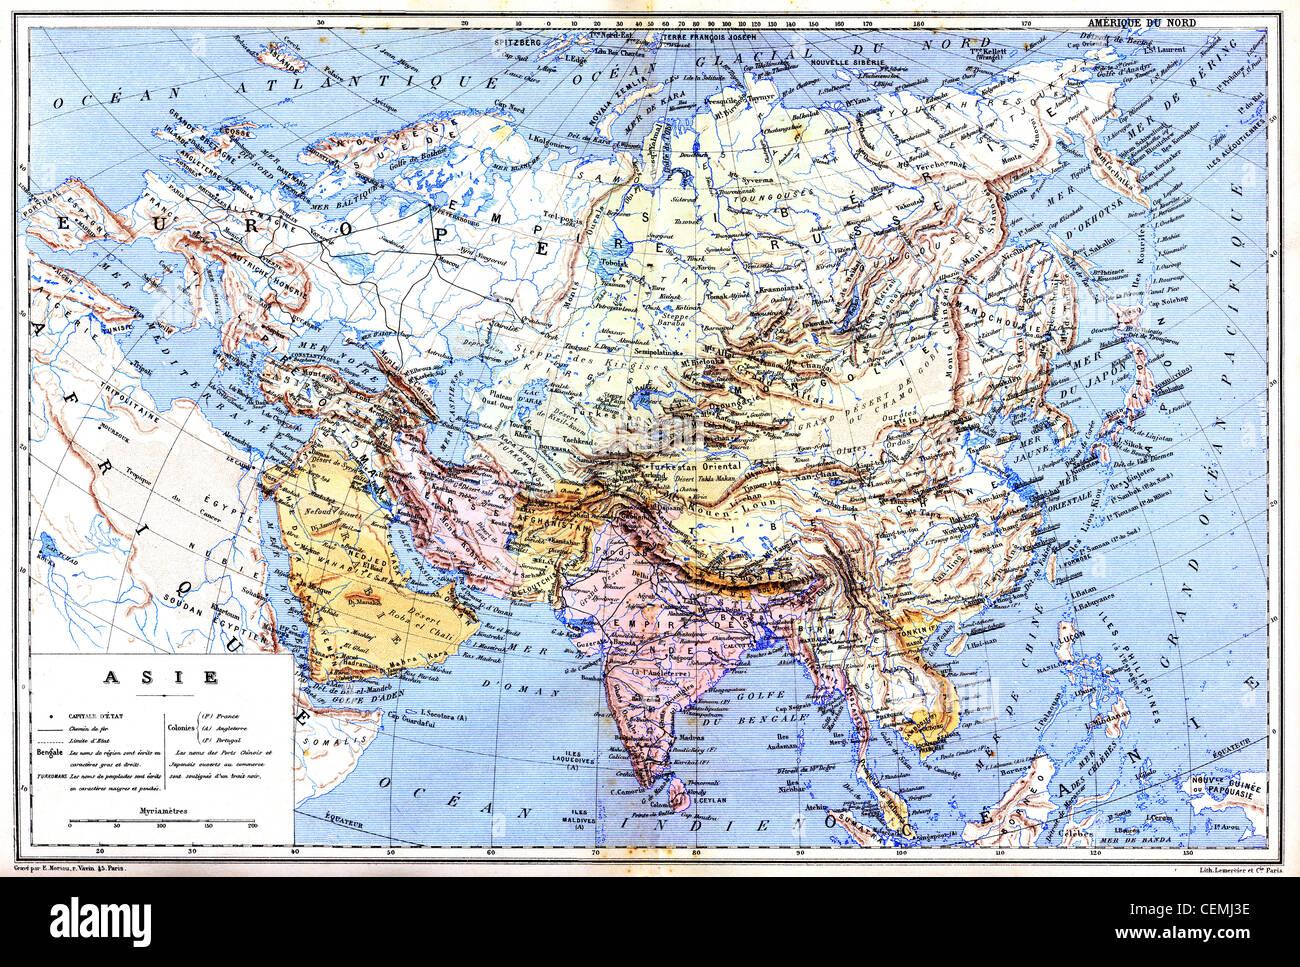 Asien Länder Karte.Karte Von Asien Mit Den Namen Der Städte Und Länder Auf Der Karte